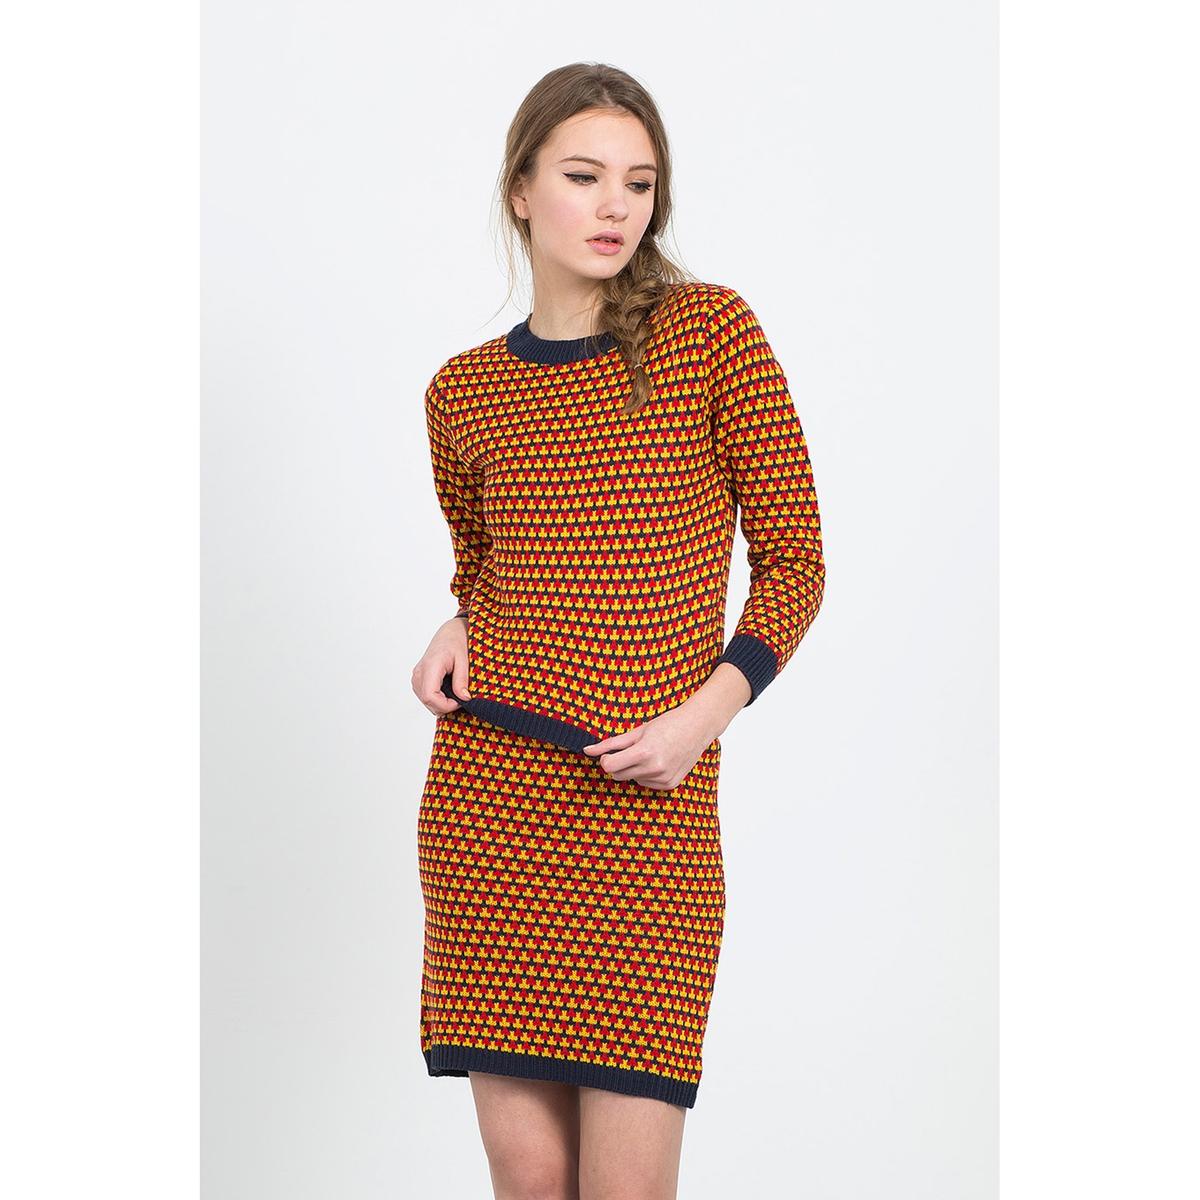 Комплект: пуловер и юбка, геометрический рисунок, PISA SETСостав и описание:Материал: 100% акрилаМарка: COMPANIA FANTASTICA.УходСтирать при 30° с вещами схожих цветовСтирать и гладить с изнаночной стороны<br><br>Цвет: разноцветный